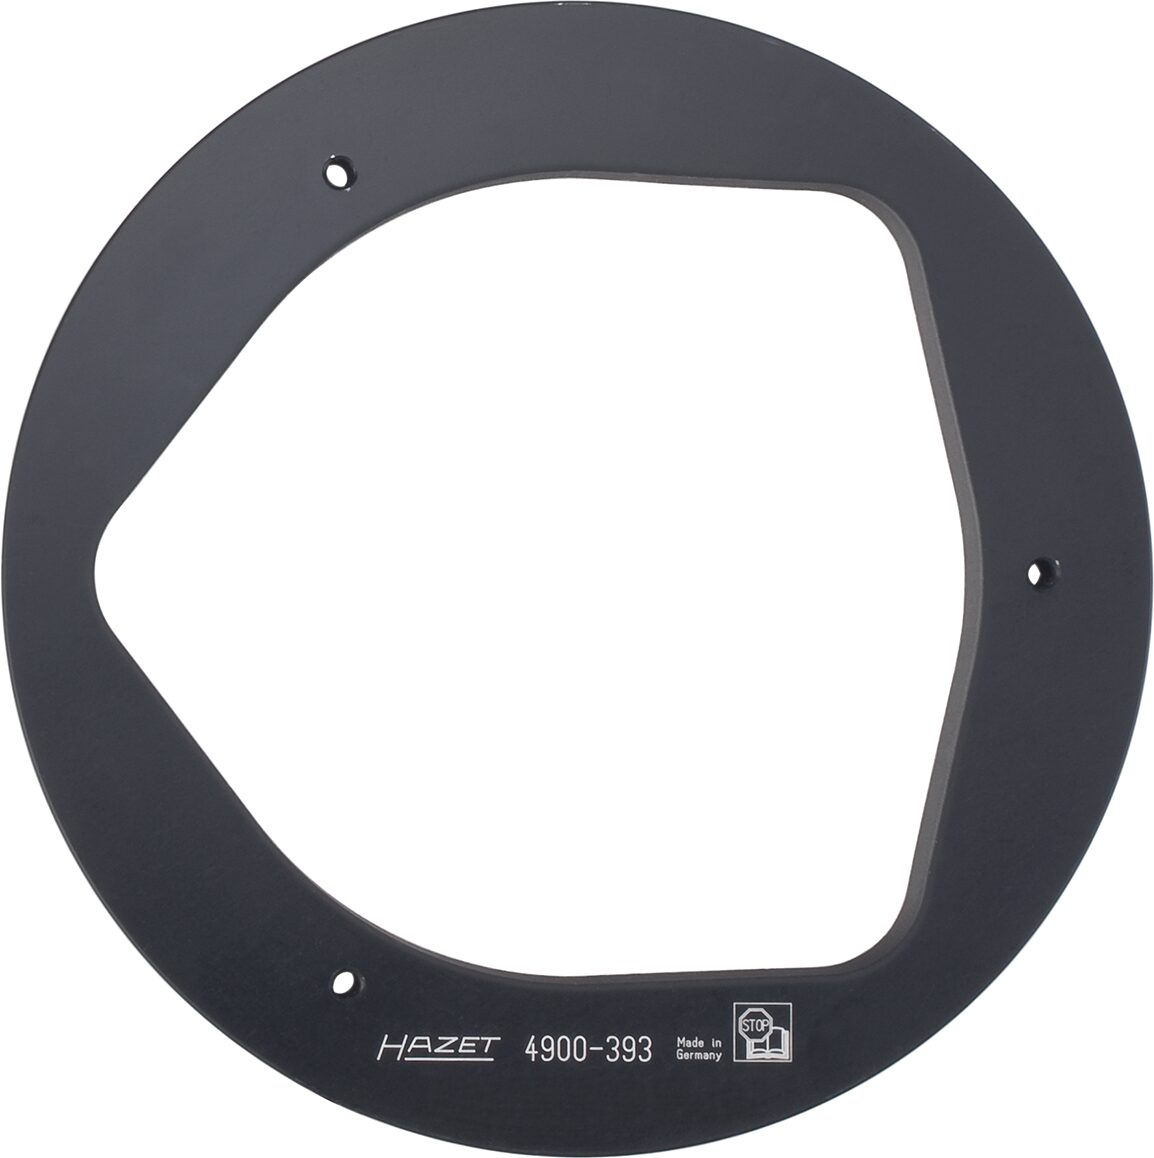 HAZET Zentriereinsatz 4900-393